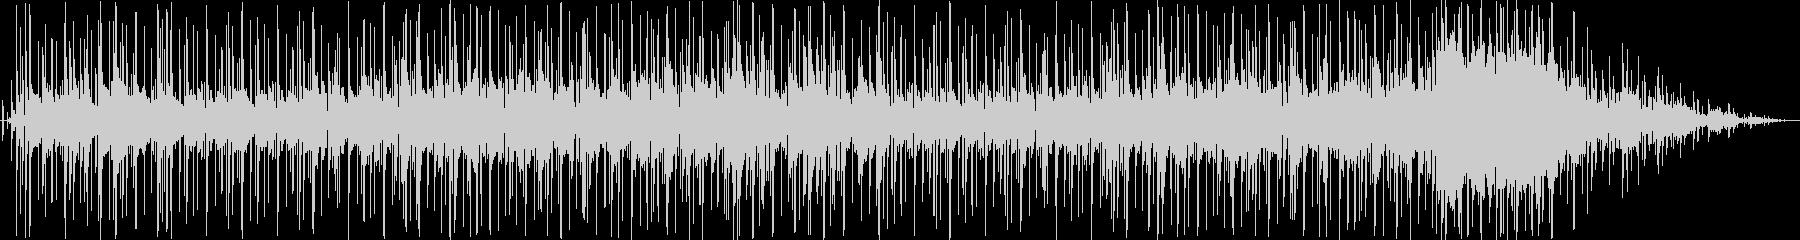 コマーシャル用の音楽。 80音。の未再生の波形